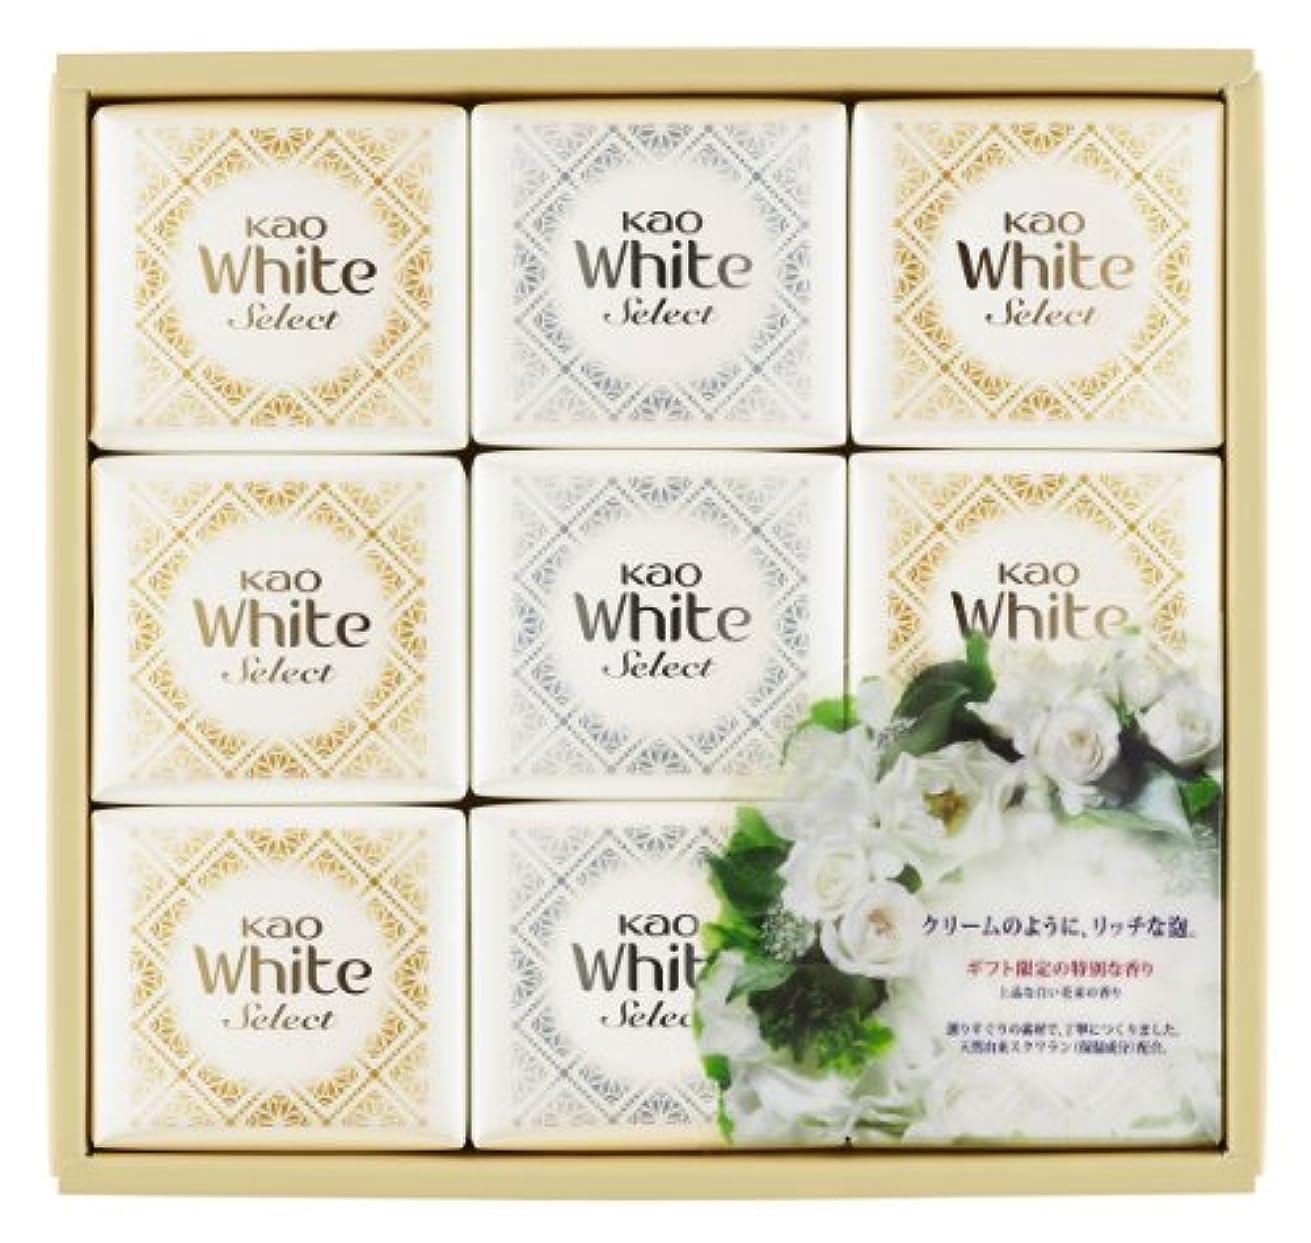 モンクステートメントフライカイト花王ホワイト セレクト 上品な白い花束の香り 85g 9コ K?WS-15